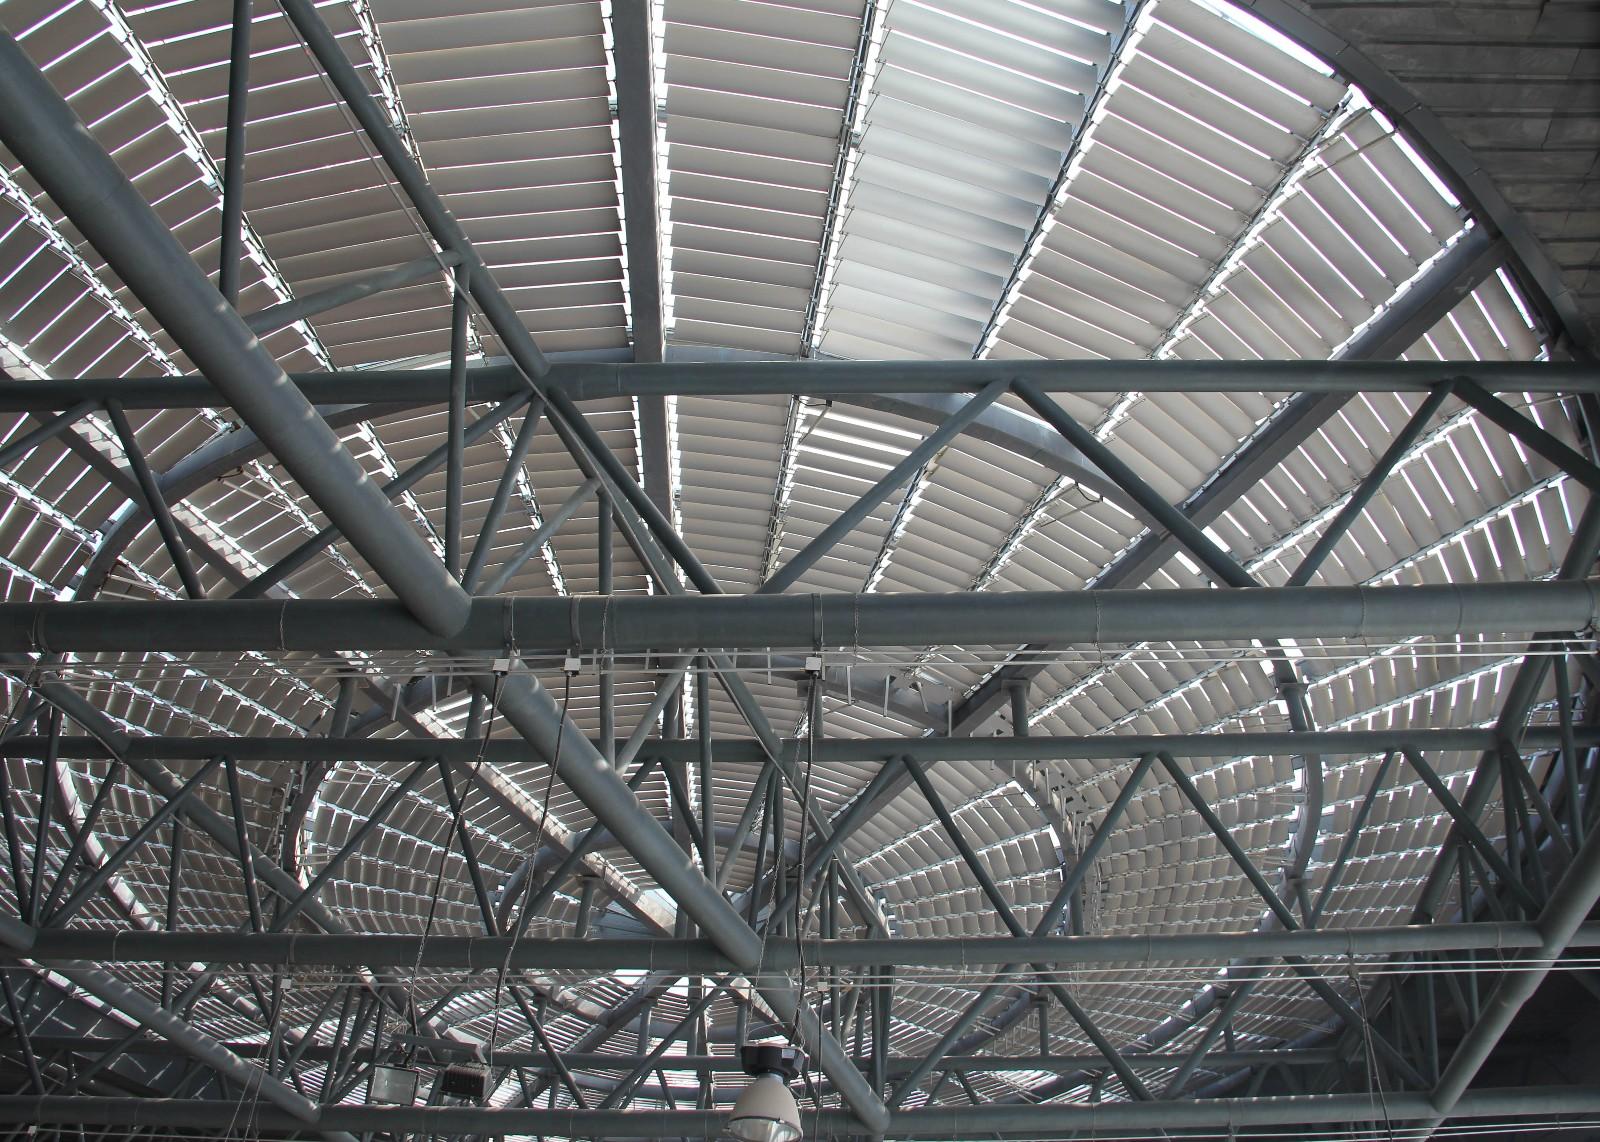 大连体育馆一室内梭形翻板